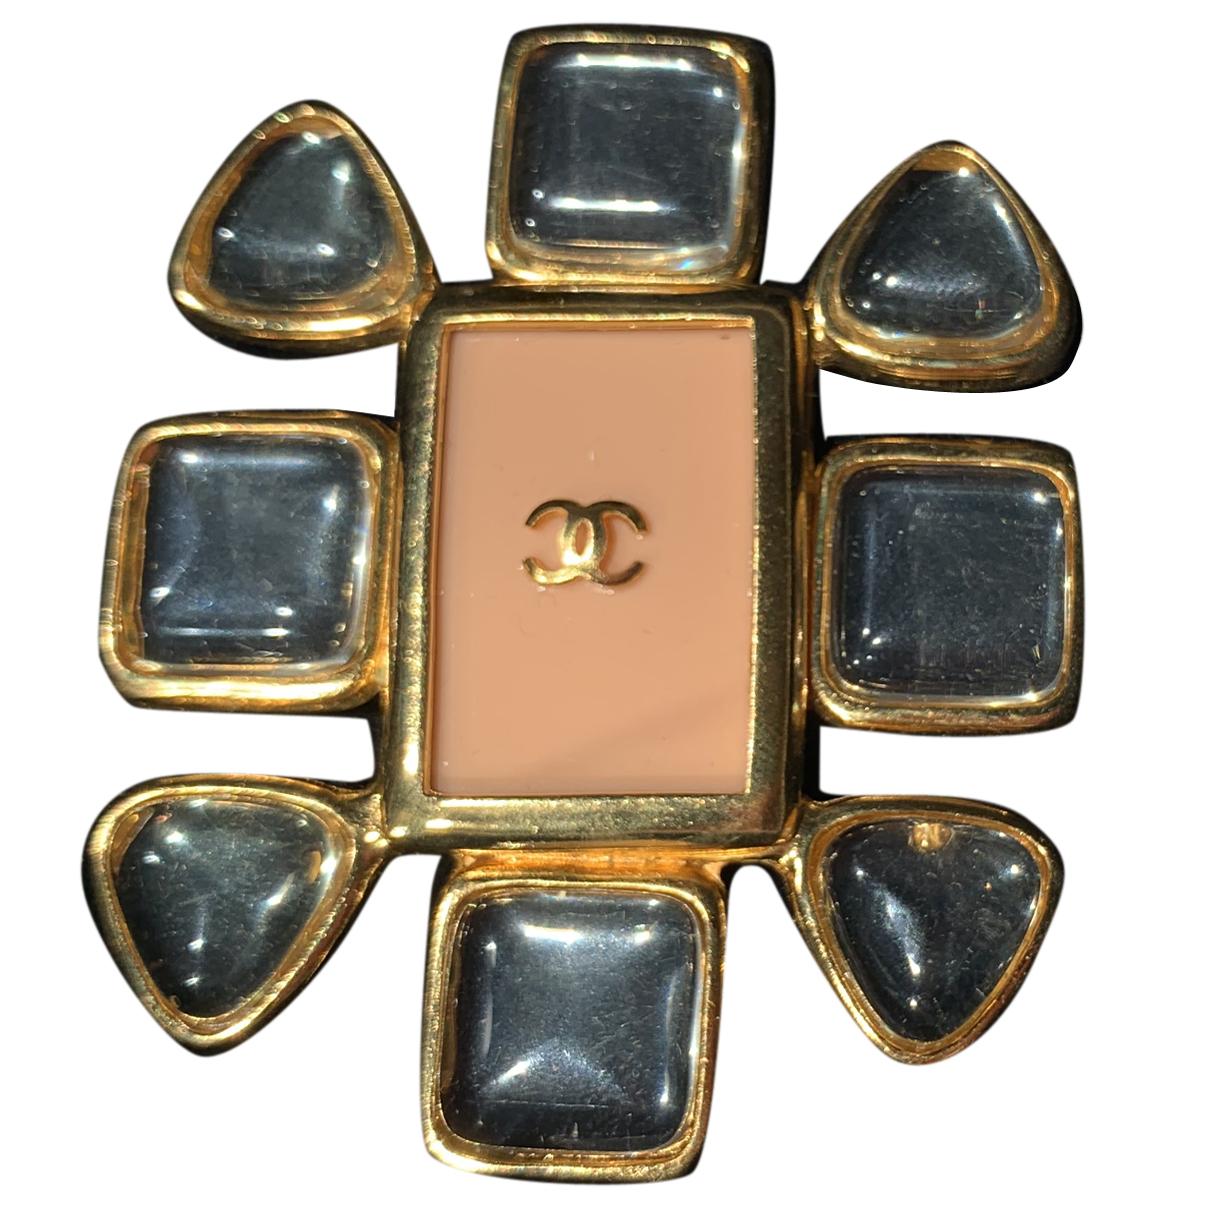 Broche Gripoix en Metal Dorado Chanel